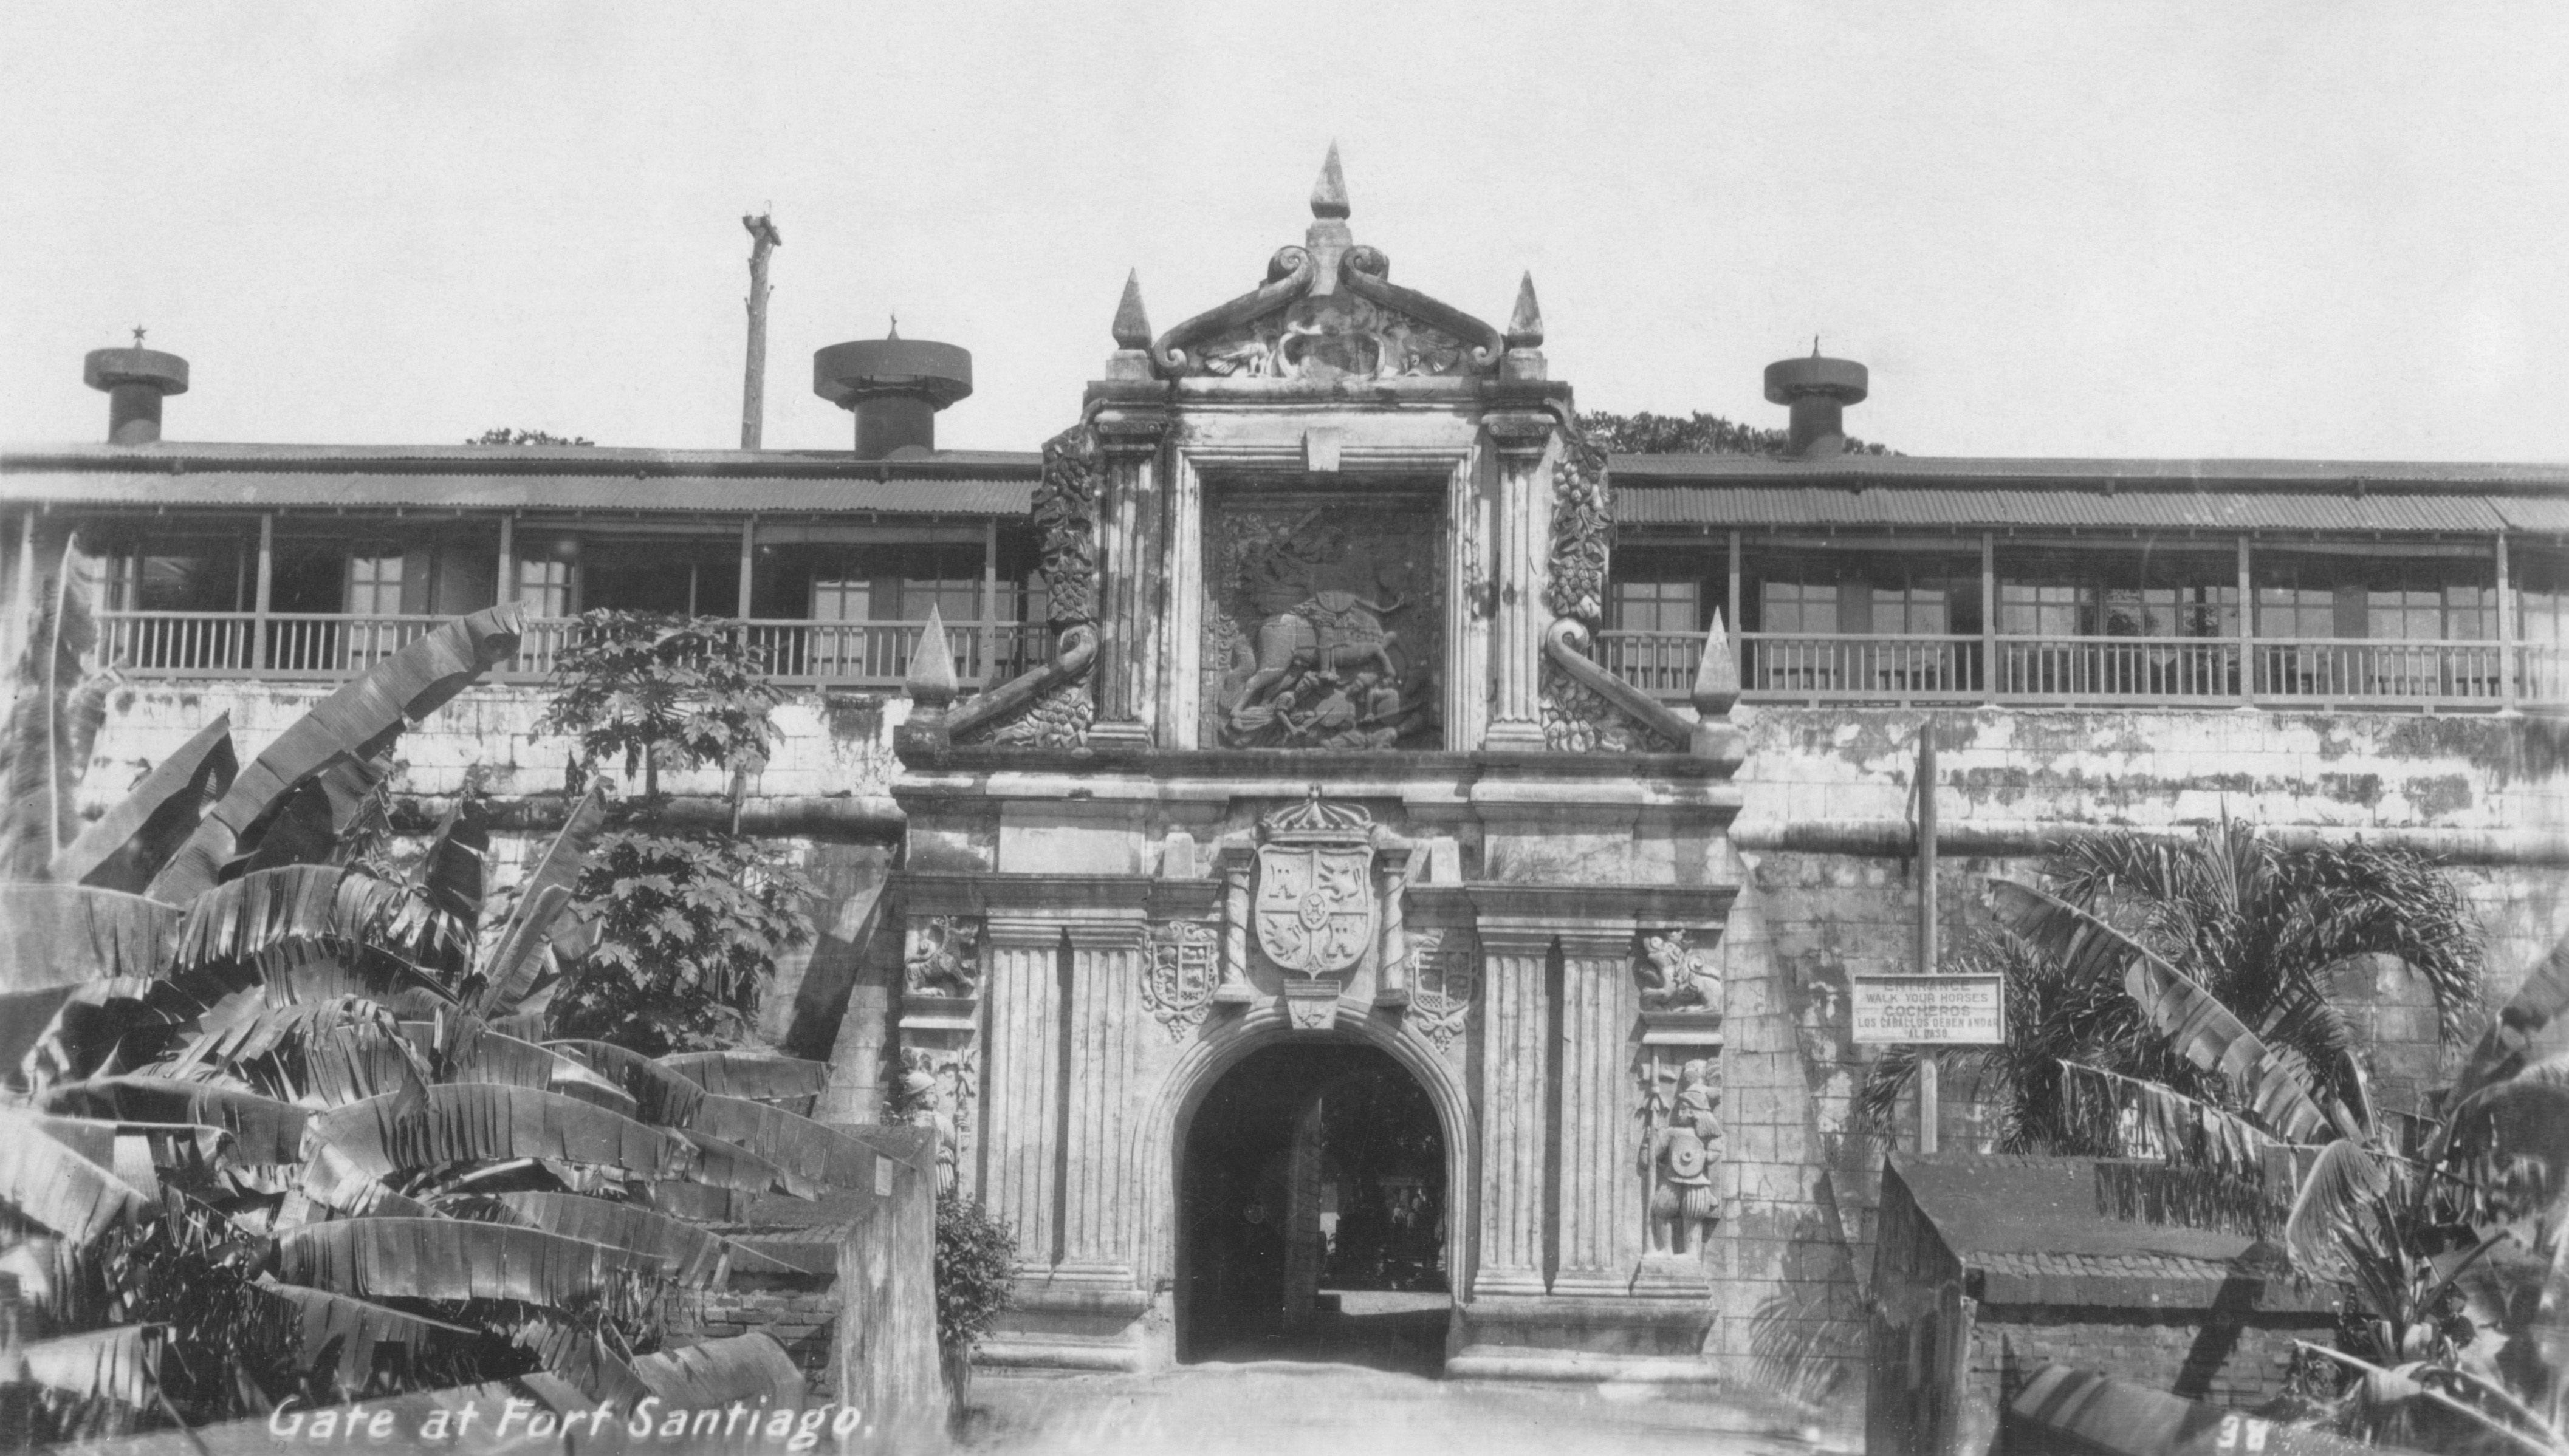 Noong Hulyo 6, 1892 siya ay nakulong siya sa Fort Santiago at ipinatapon sa  Dapitan noong Hulyo 14, 1892.